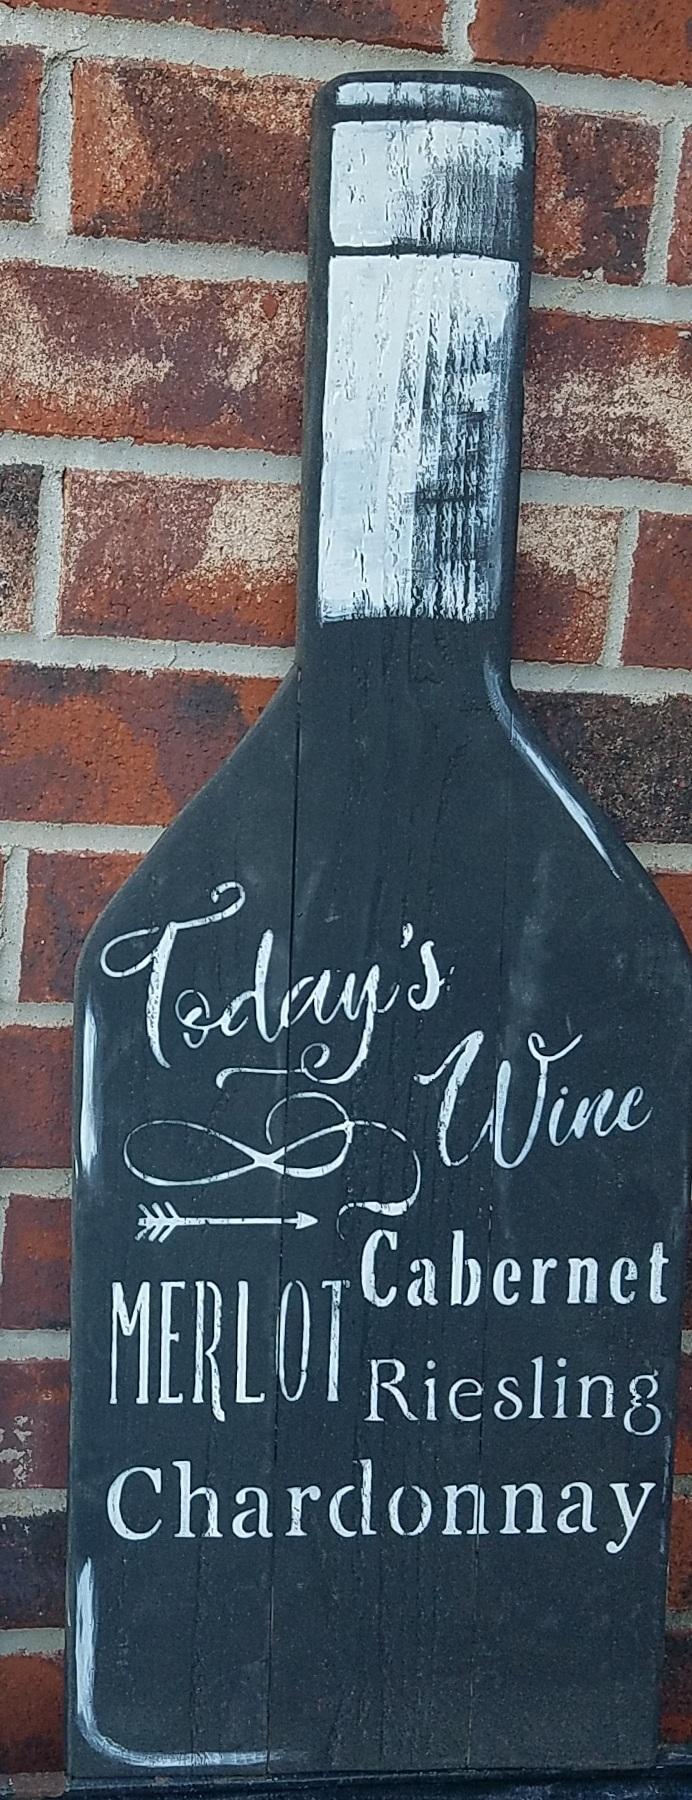 W5: Today's Wine